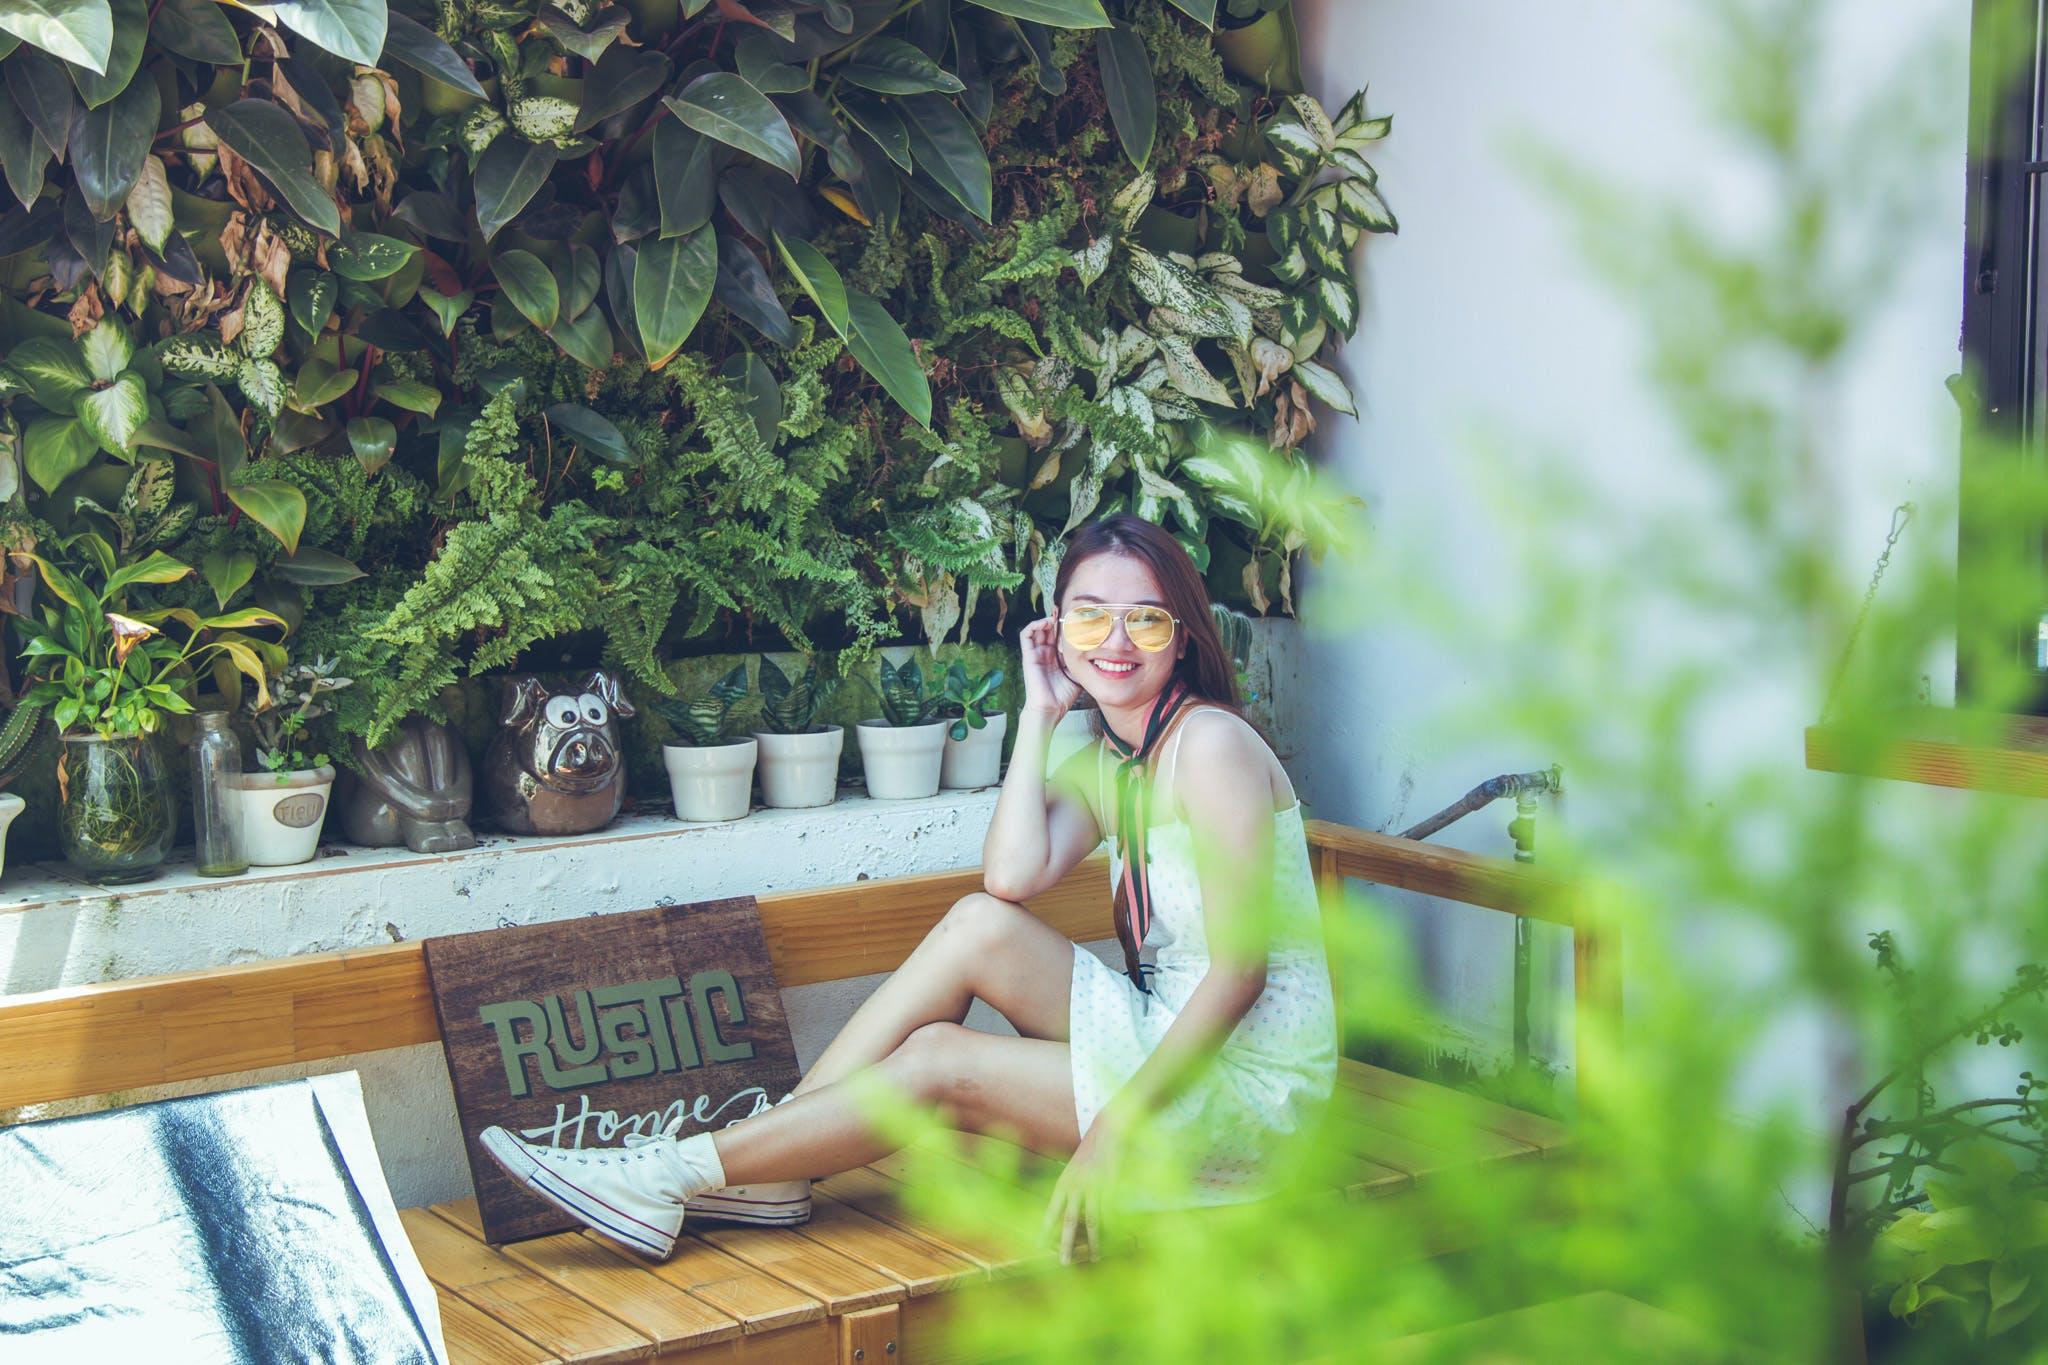 aşındırmak, asyalı kadın, Bahçe, Bank içeren Ücretsiz stok fotoğraf